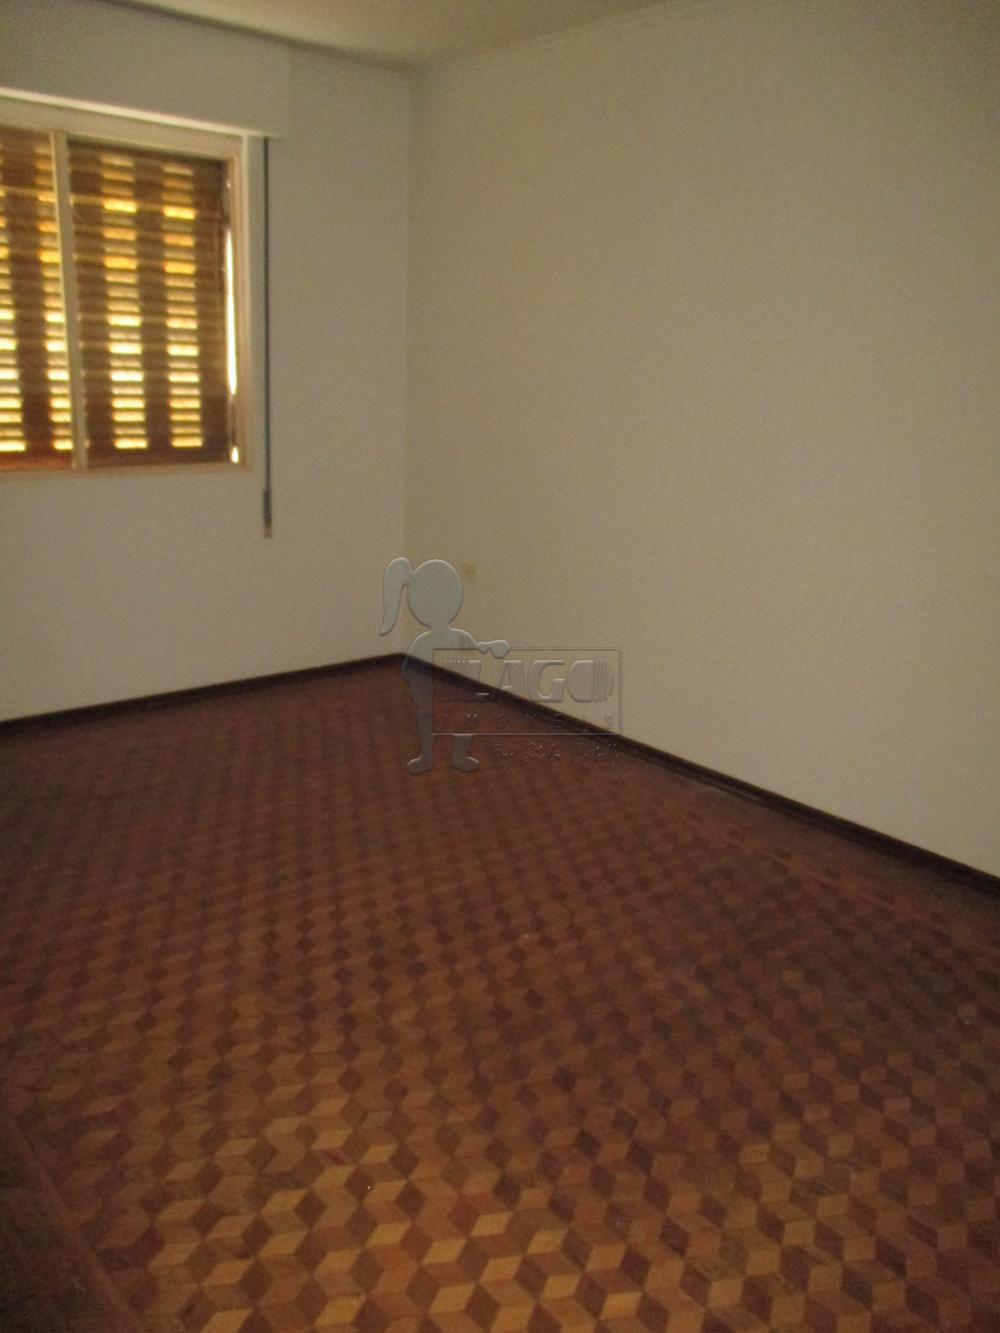 Alugar Apartamento / Padrão em Ribeirão Preto apenas R$ 850,00 - Foto 4